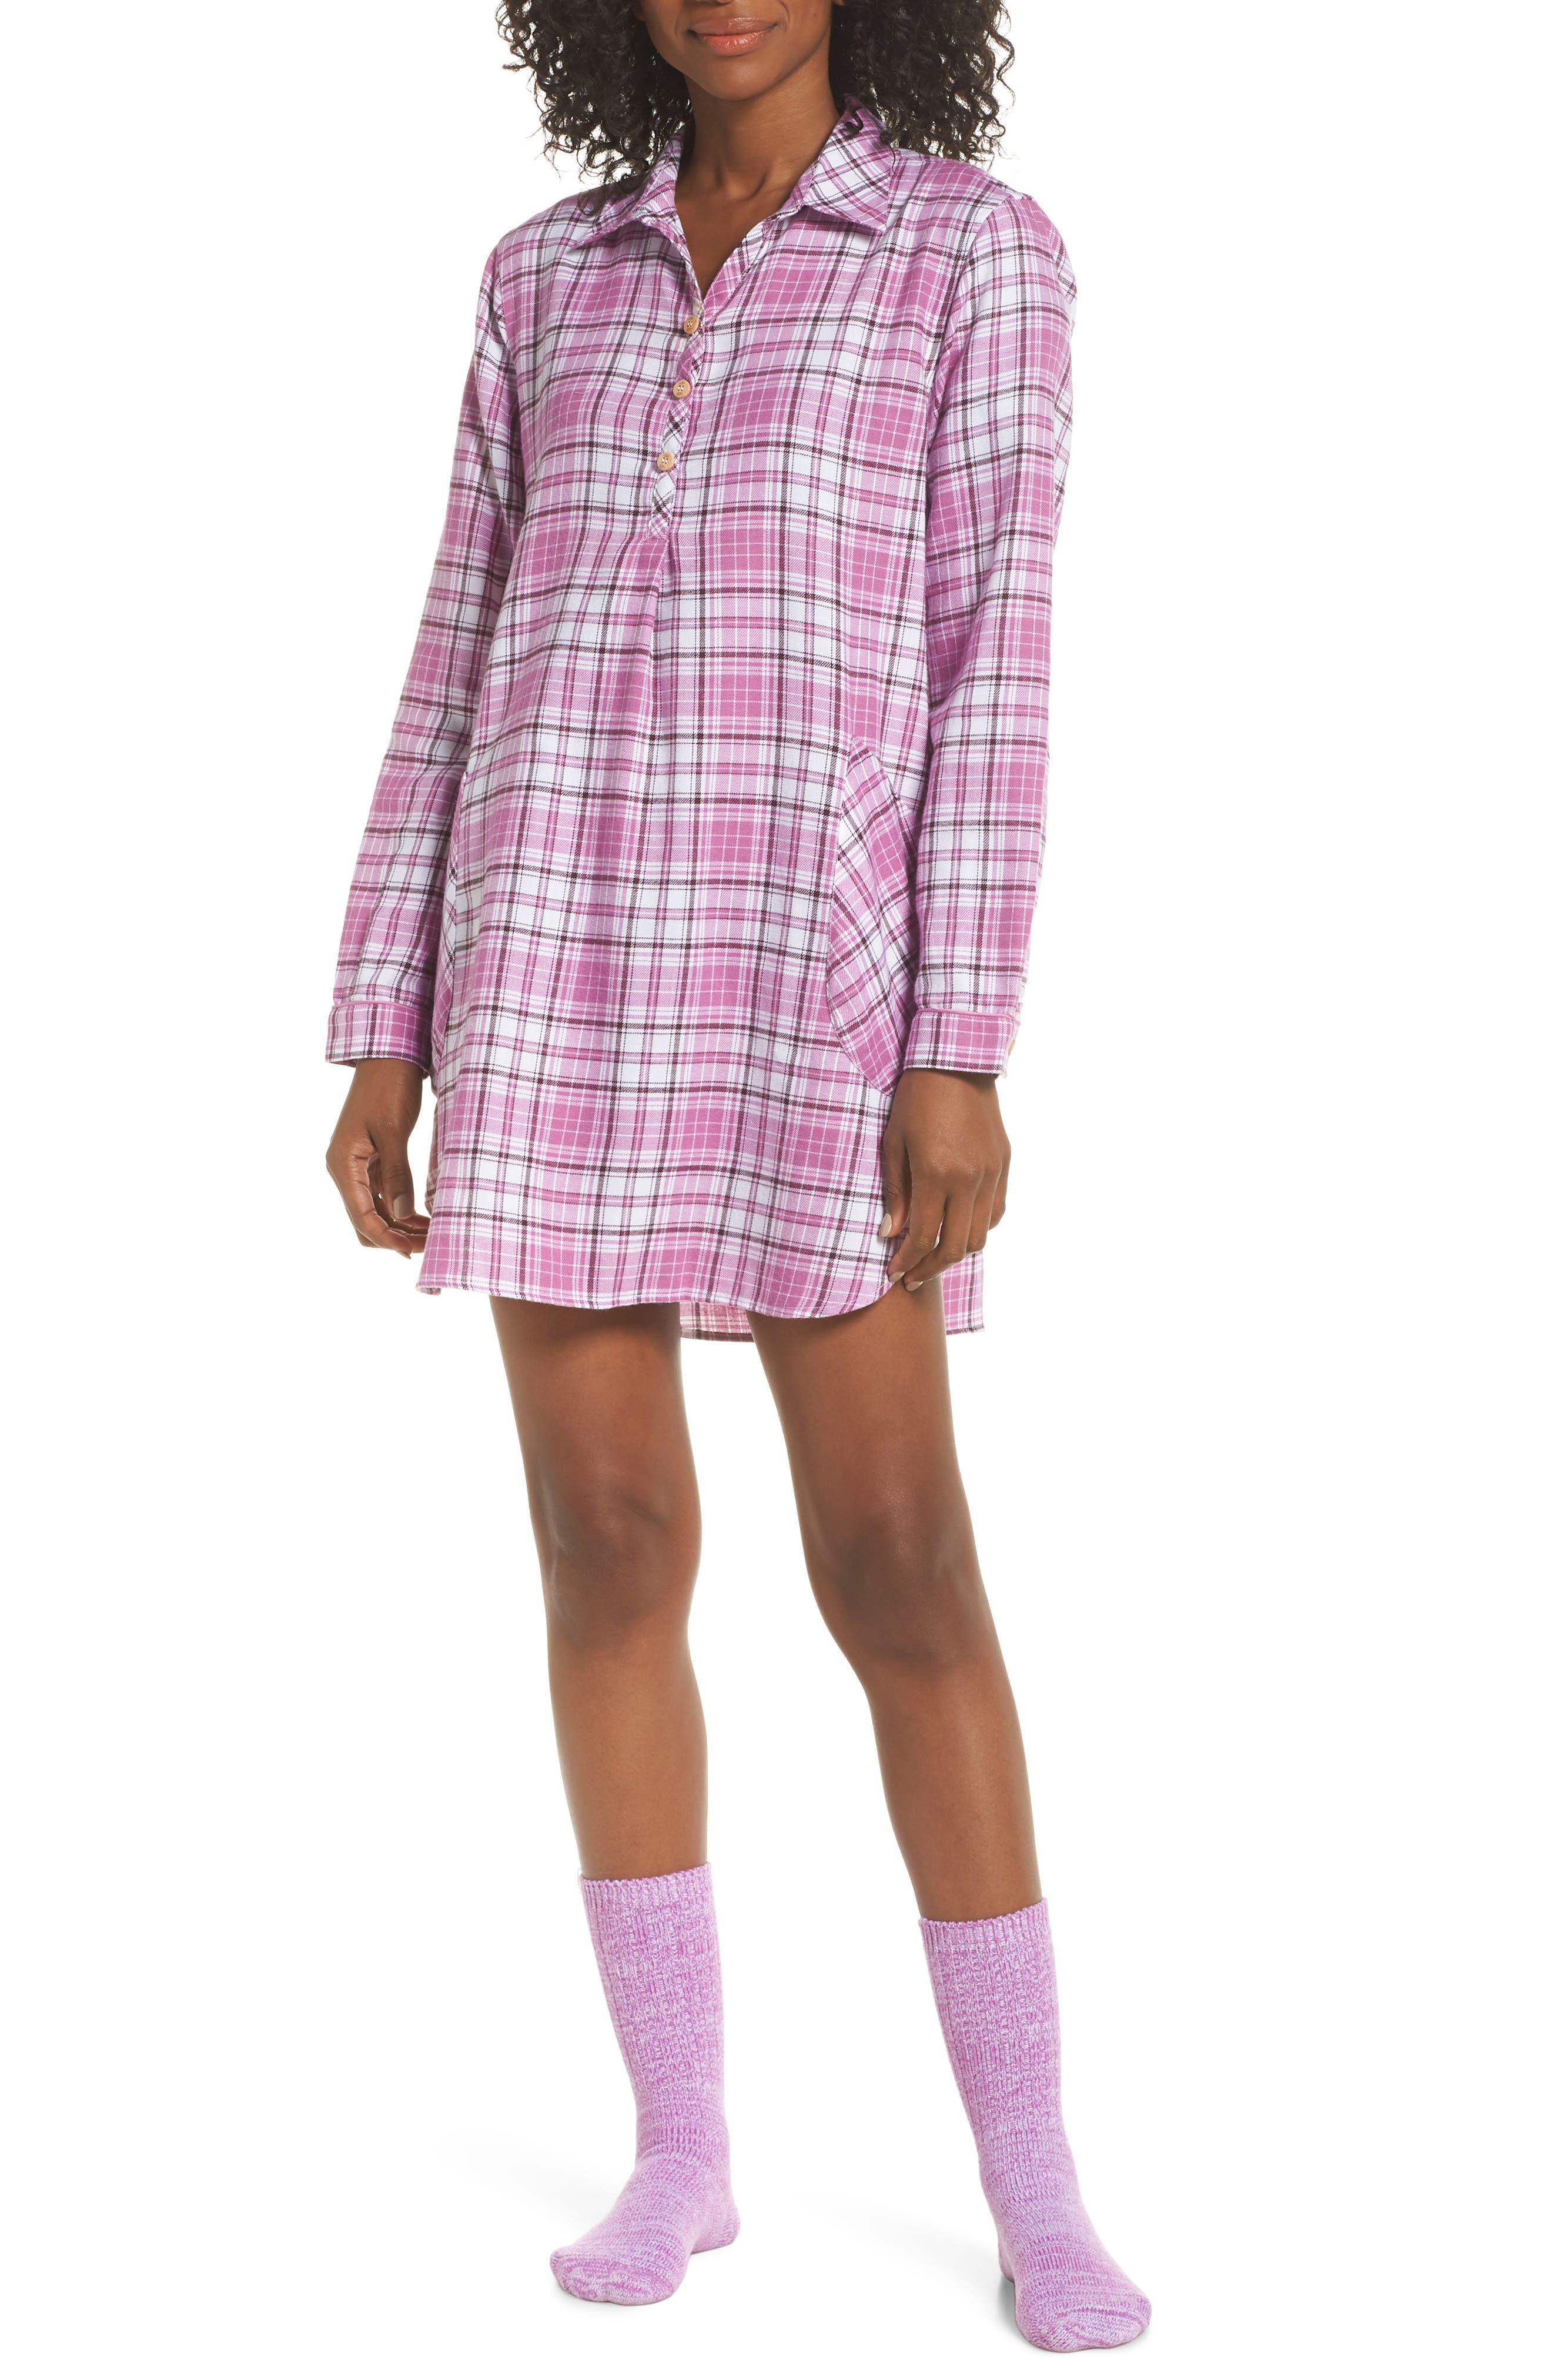 UGG<SUP>®</SUP>, Sleep Shirt & Socks Set, Main thumbnail 1, color, BODACIOUS PLAID